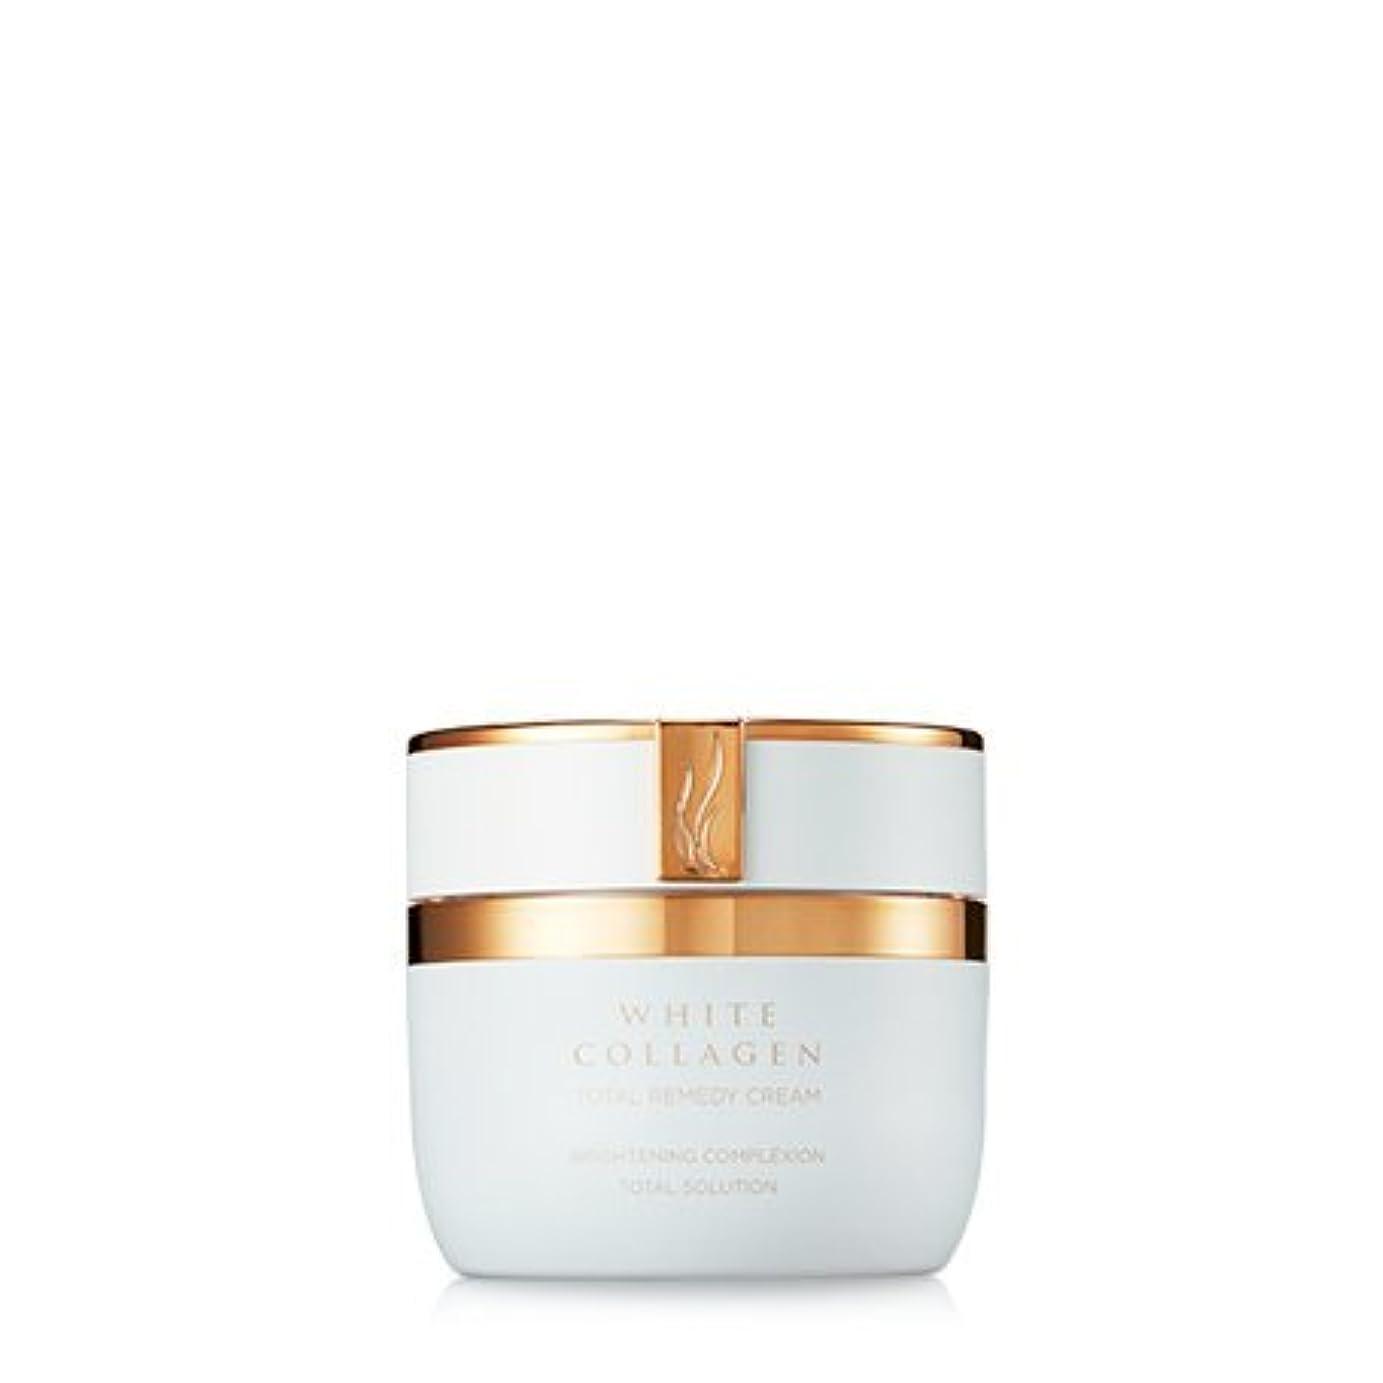 ヘッジ南眉[New] A.H.C (AHC) White Collagen Total Remedy Cream 50g/A.H.C ホワイト コラーゲン トータル レミディ クリーム 50g [並行輸入品]